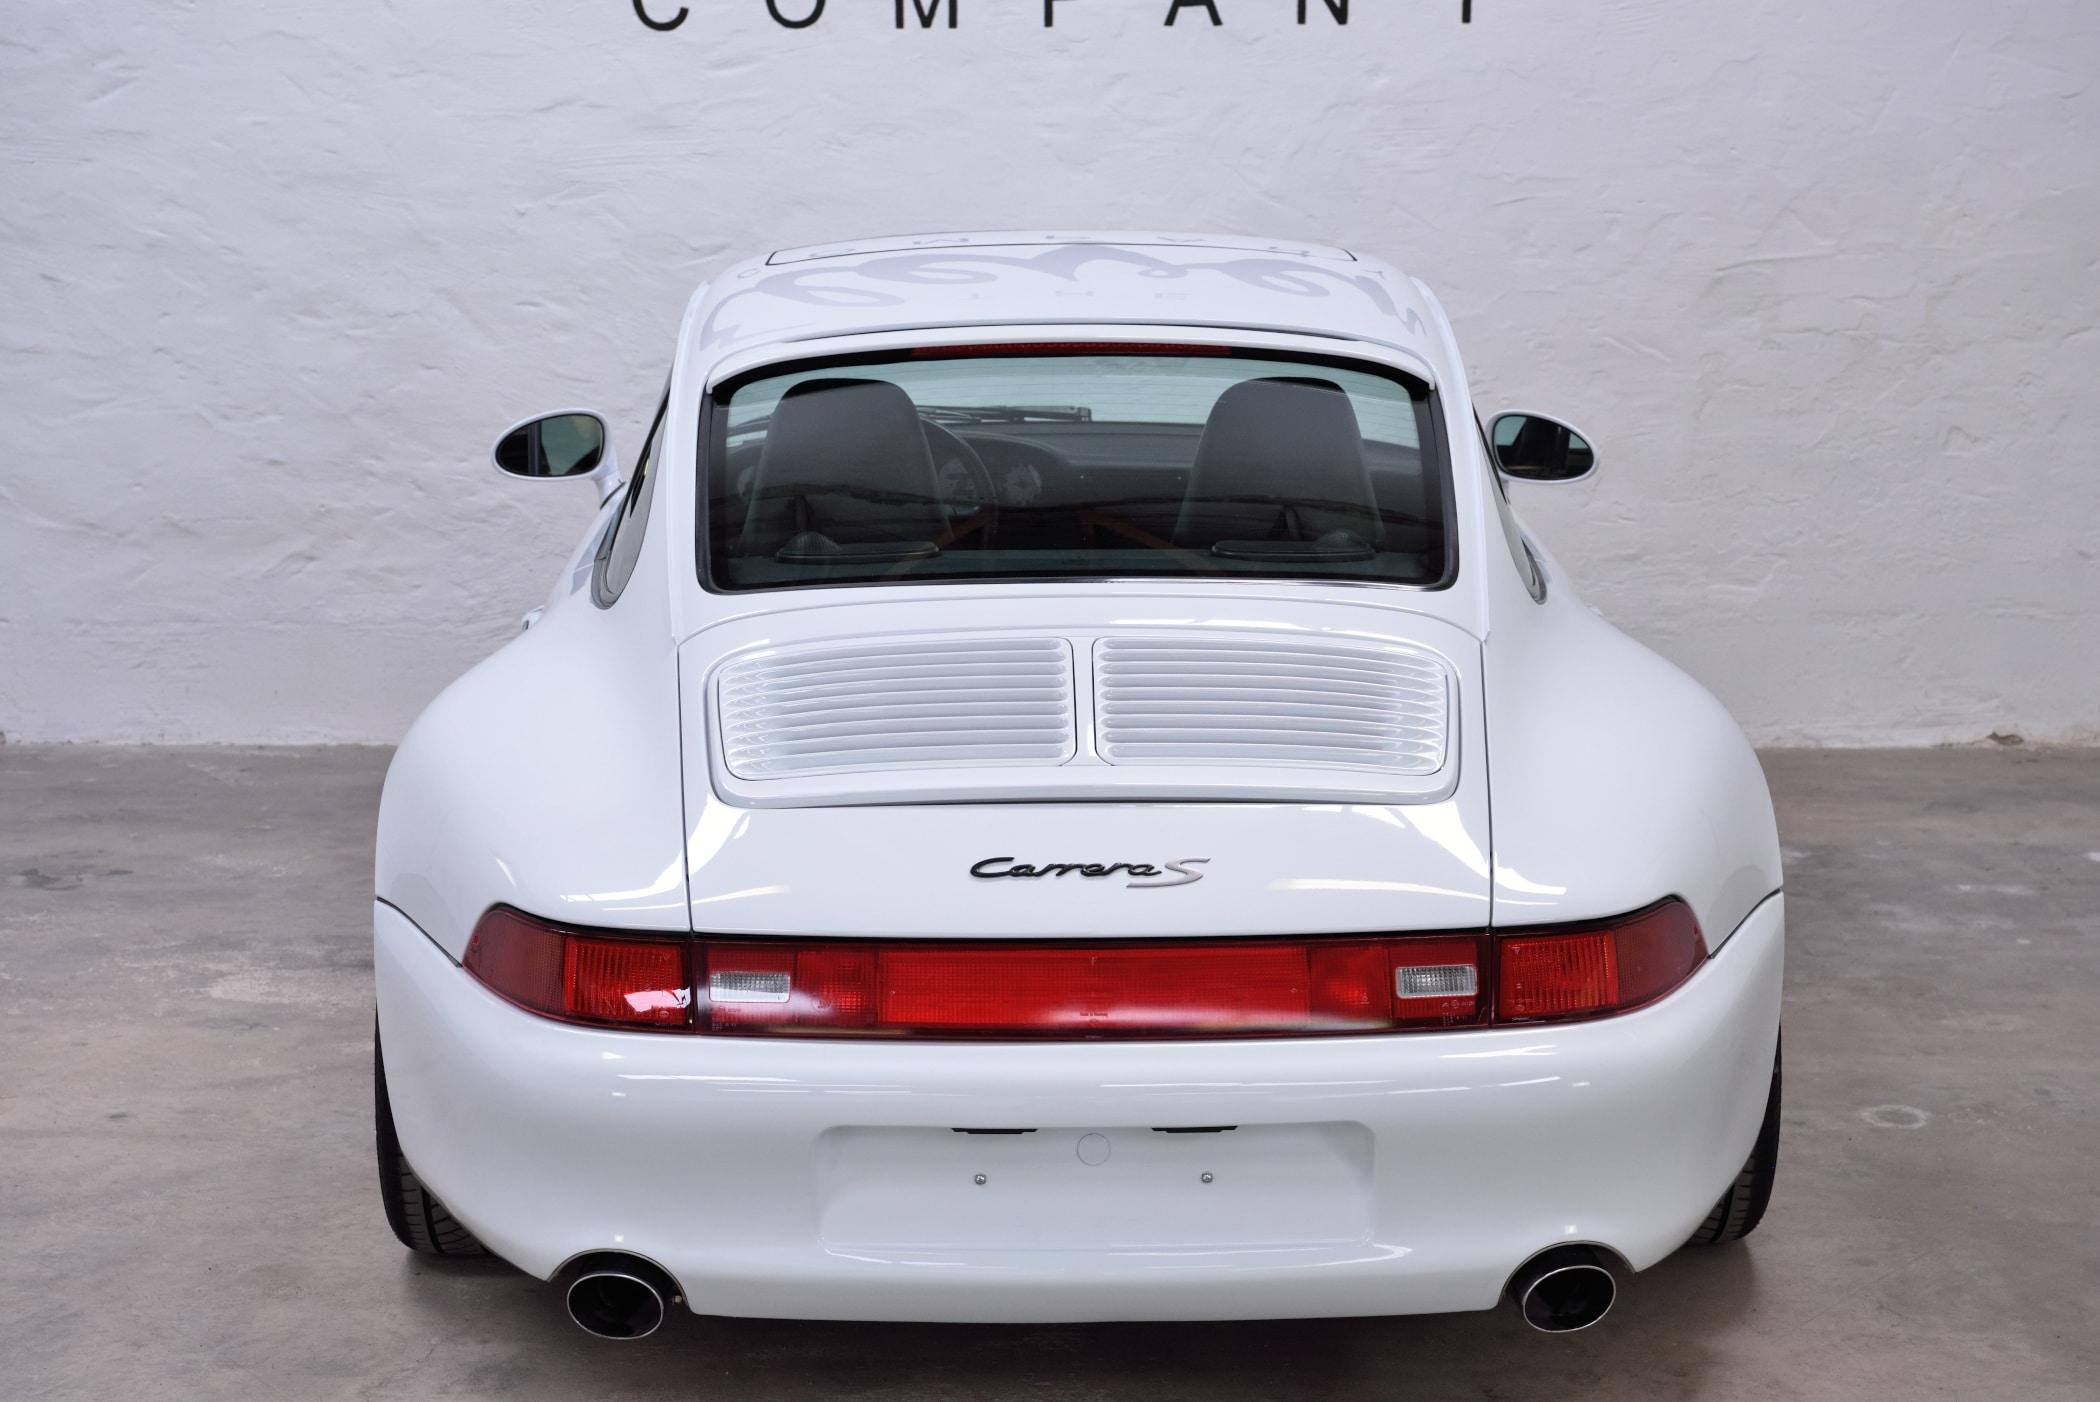 Porsche 911 Werksturbolook